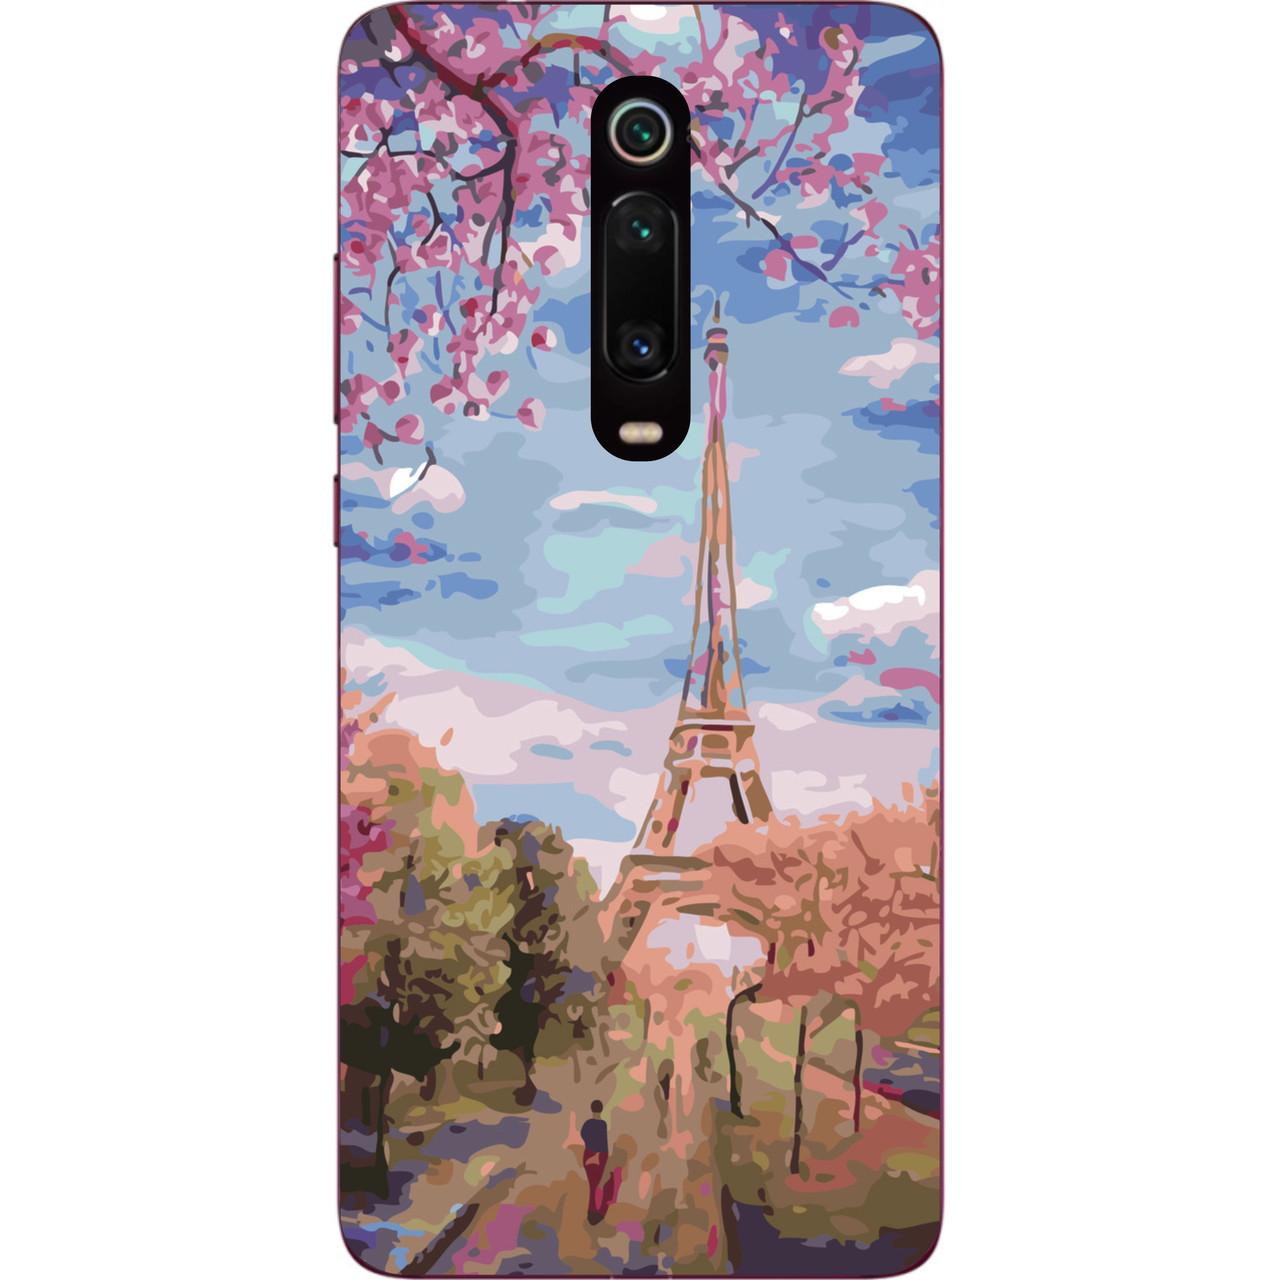 Бампер силиконовый чехол для Xiaomi Mi 9t / K20 / Mi 9t Pro / K20 Pro с картинкой Париж